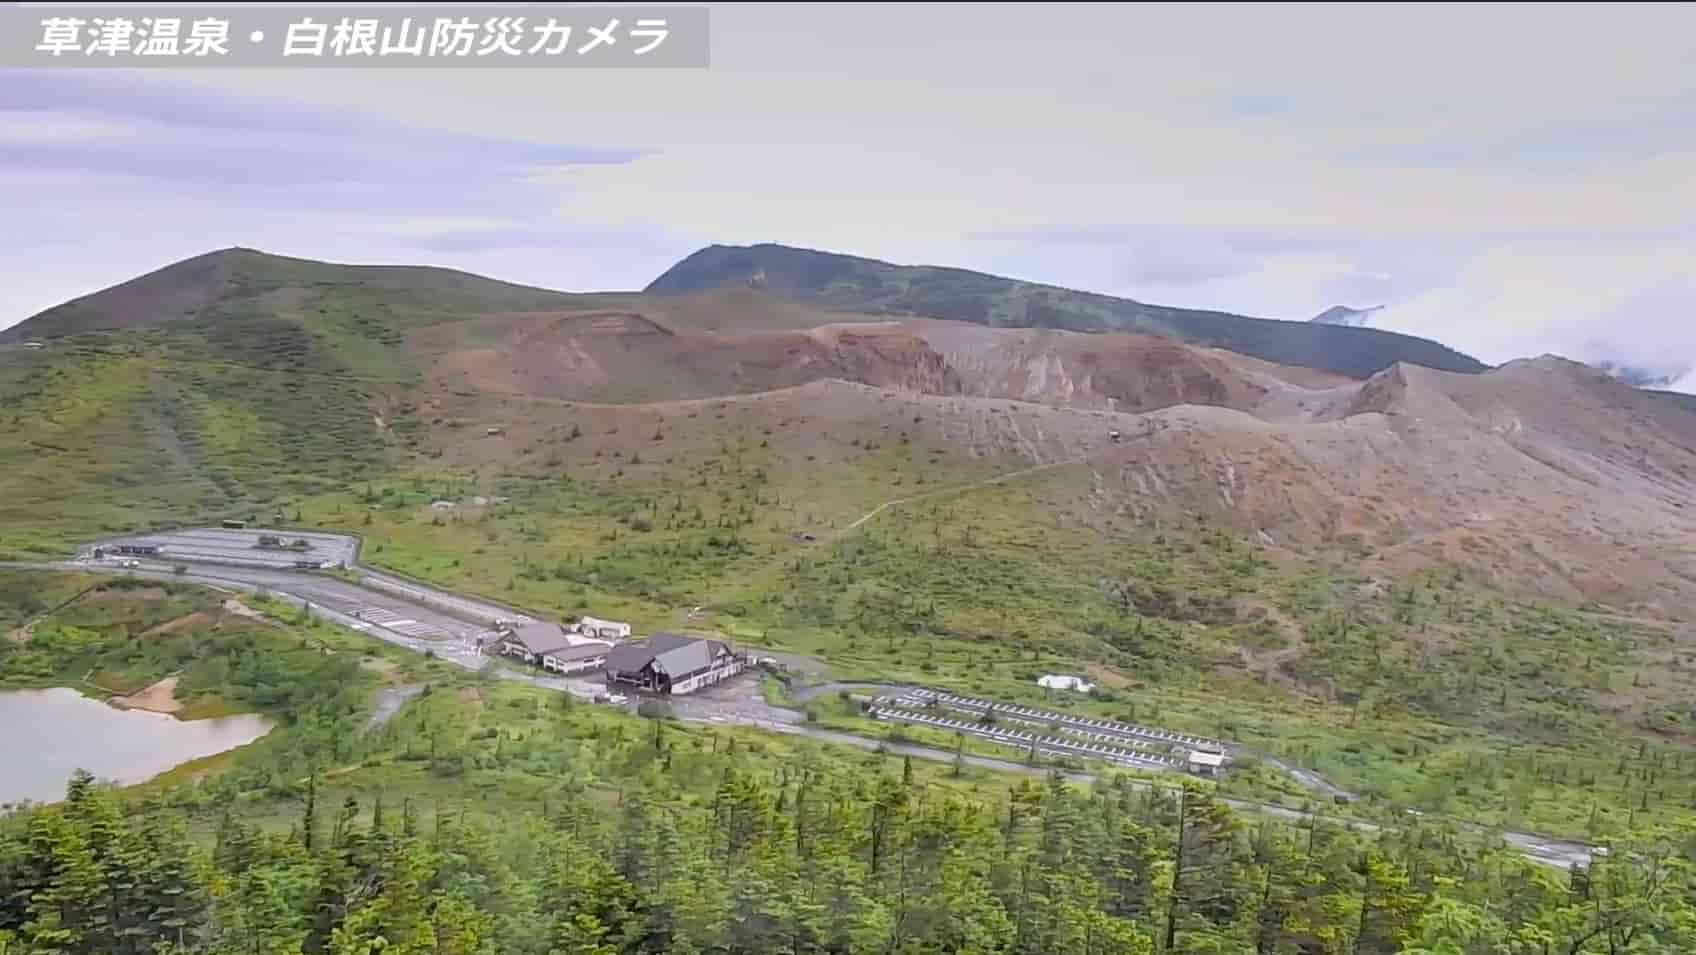 shironesan-yugama-karegama